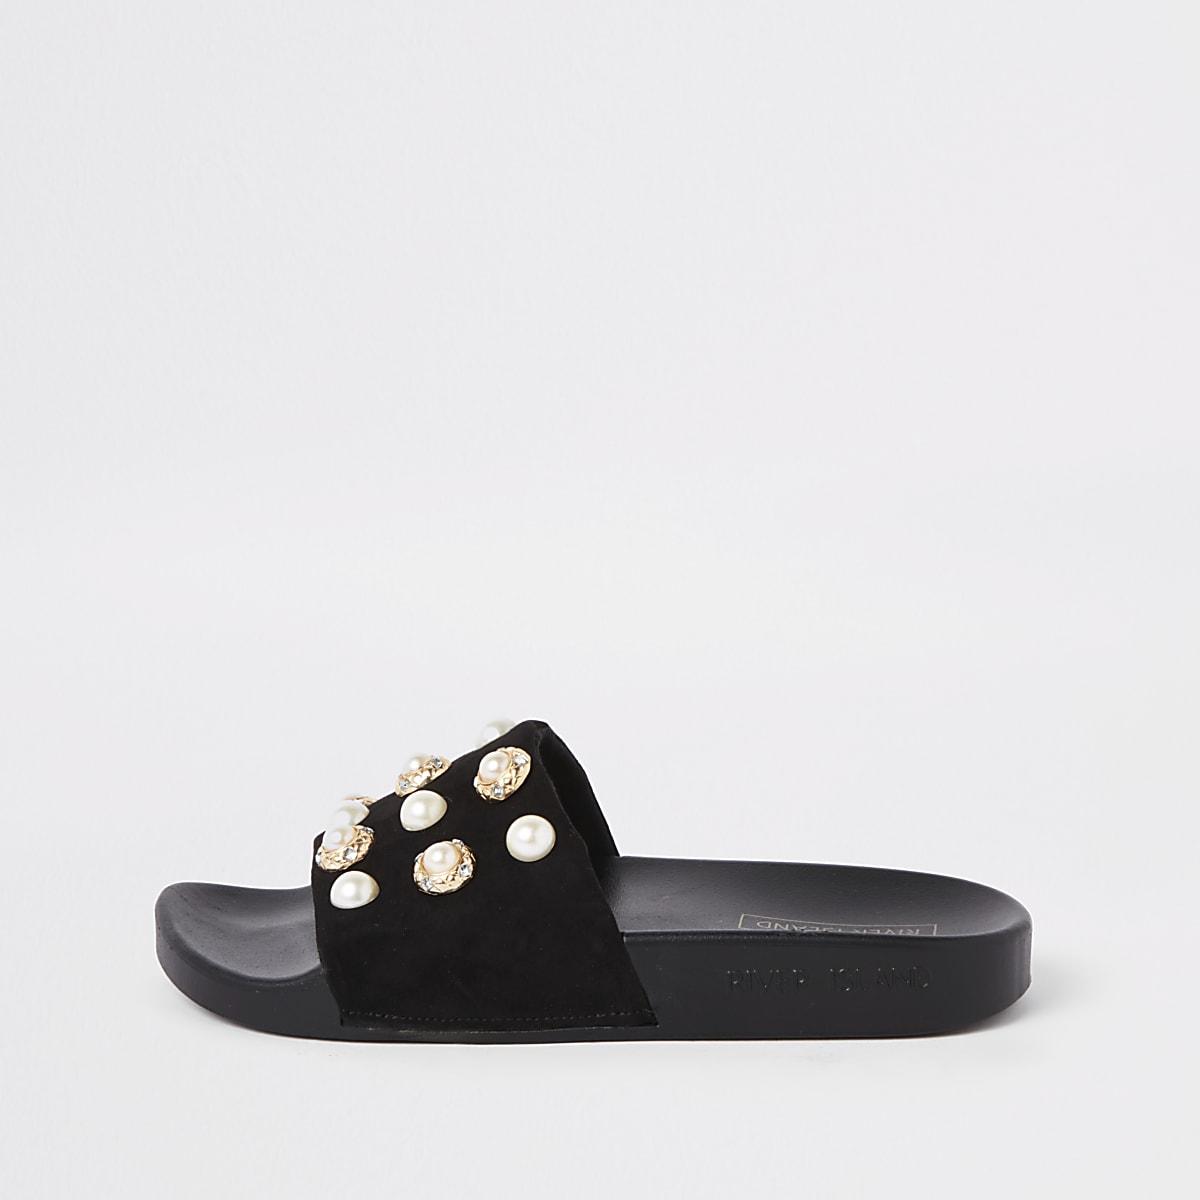 Claquettes noires ornées de perles